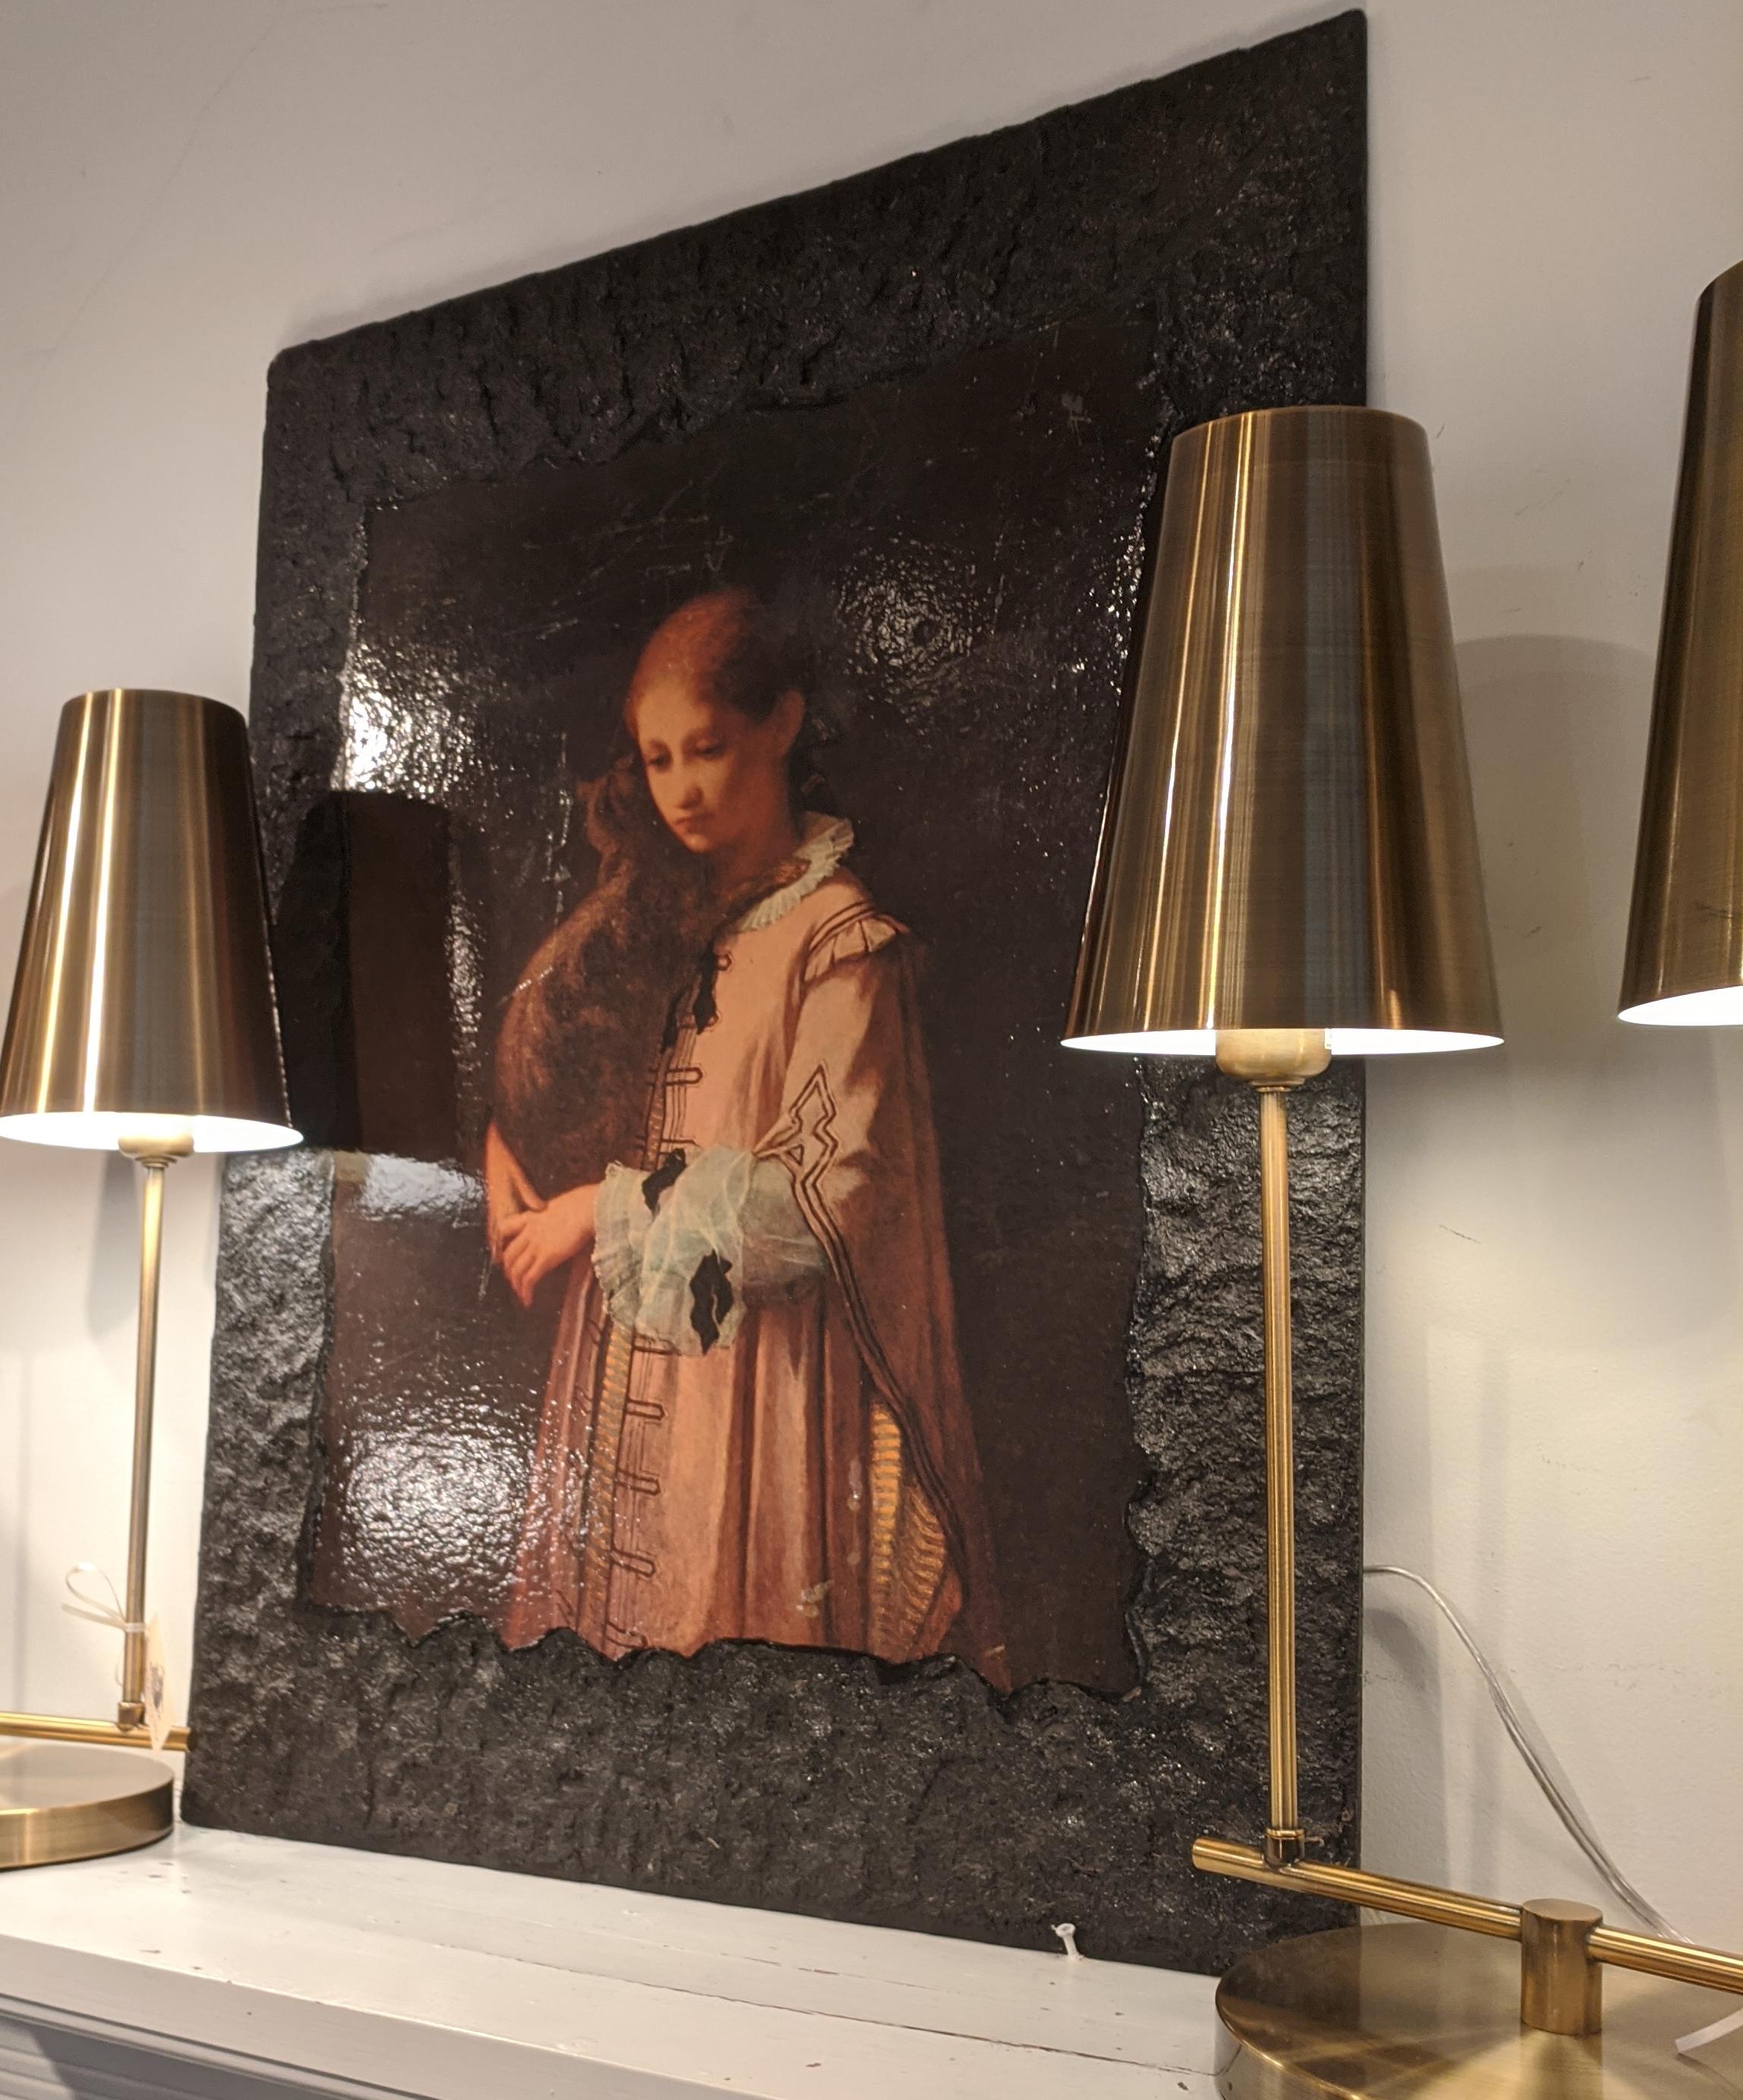 Vintage Art mounted on wood